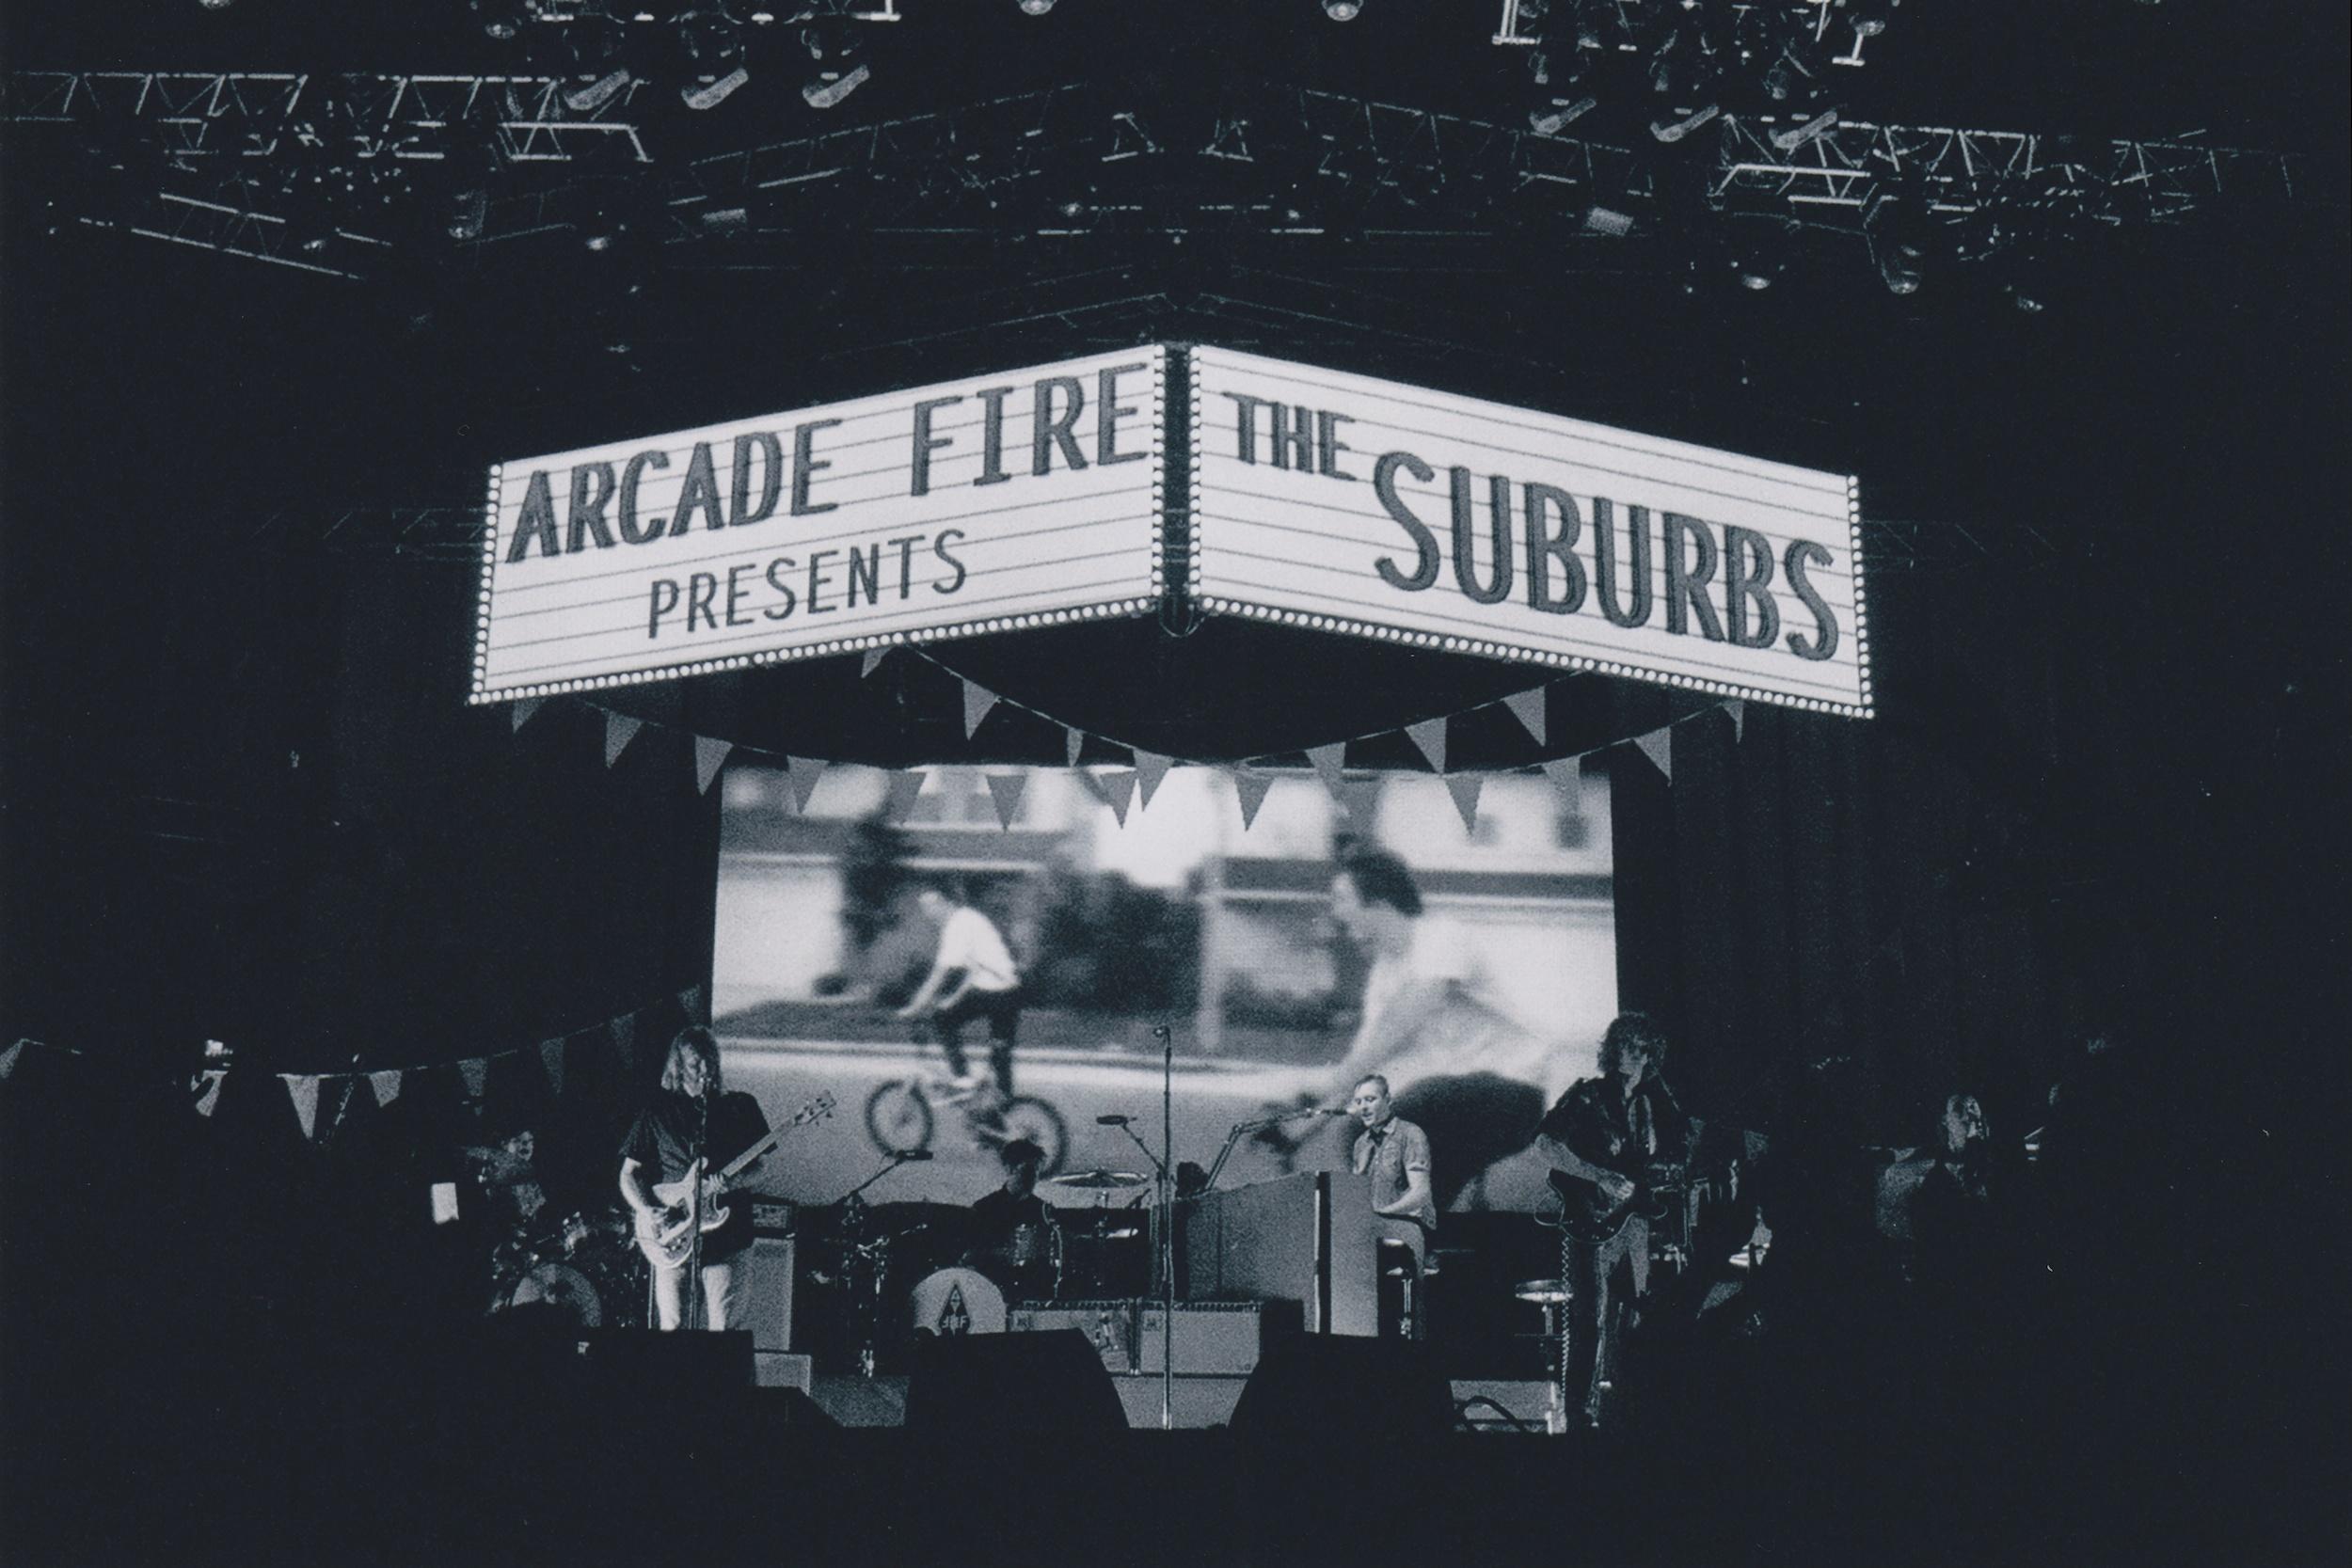 jane_stockdale_arcadefire7.jpg